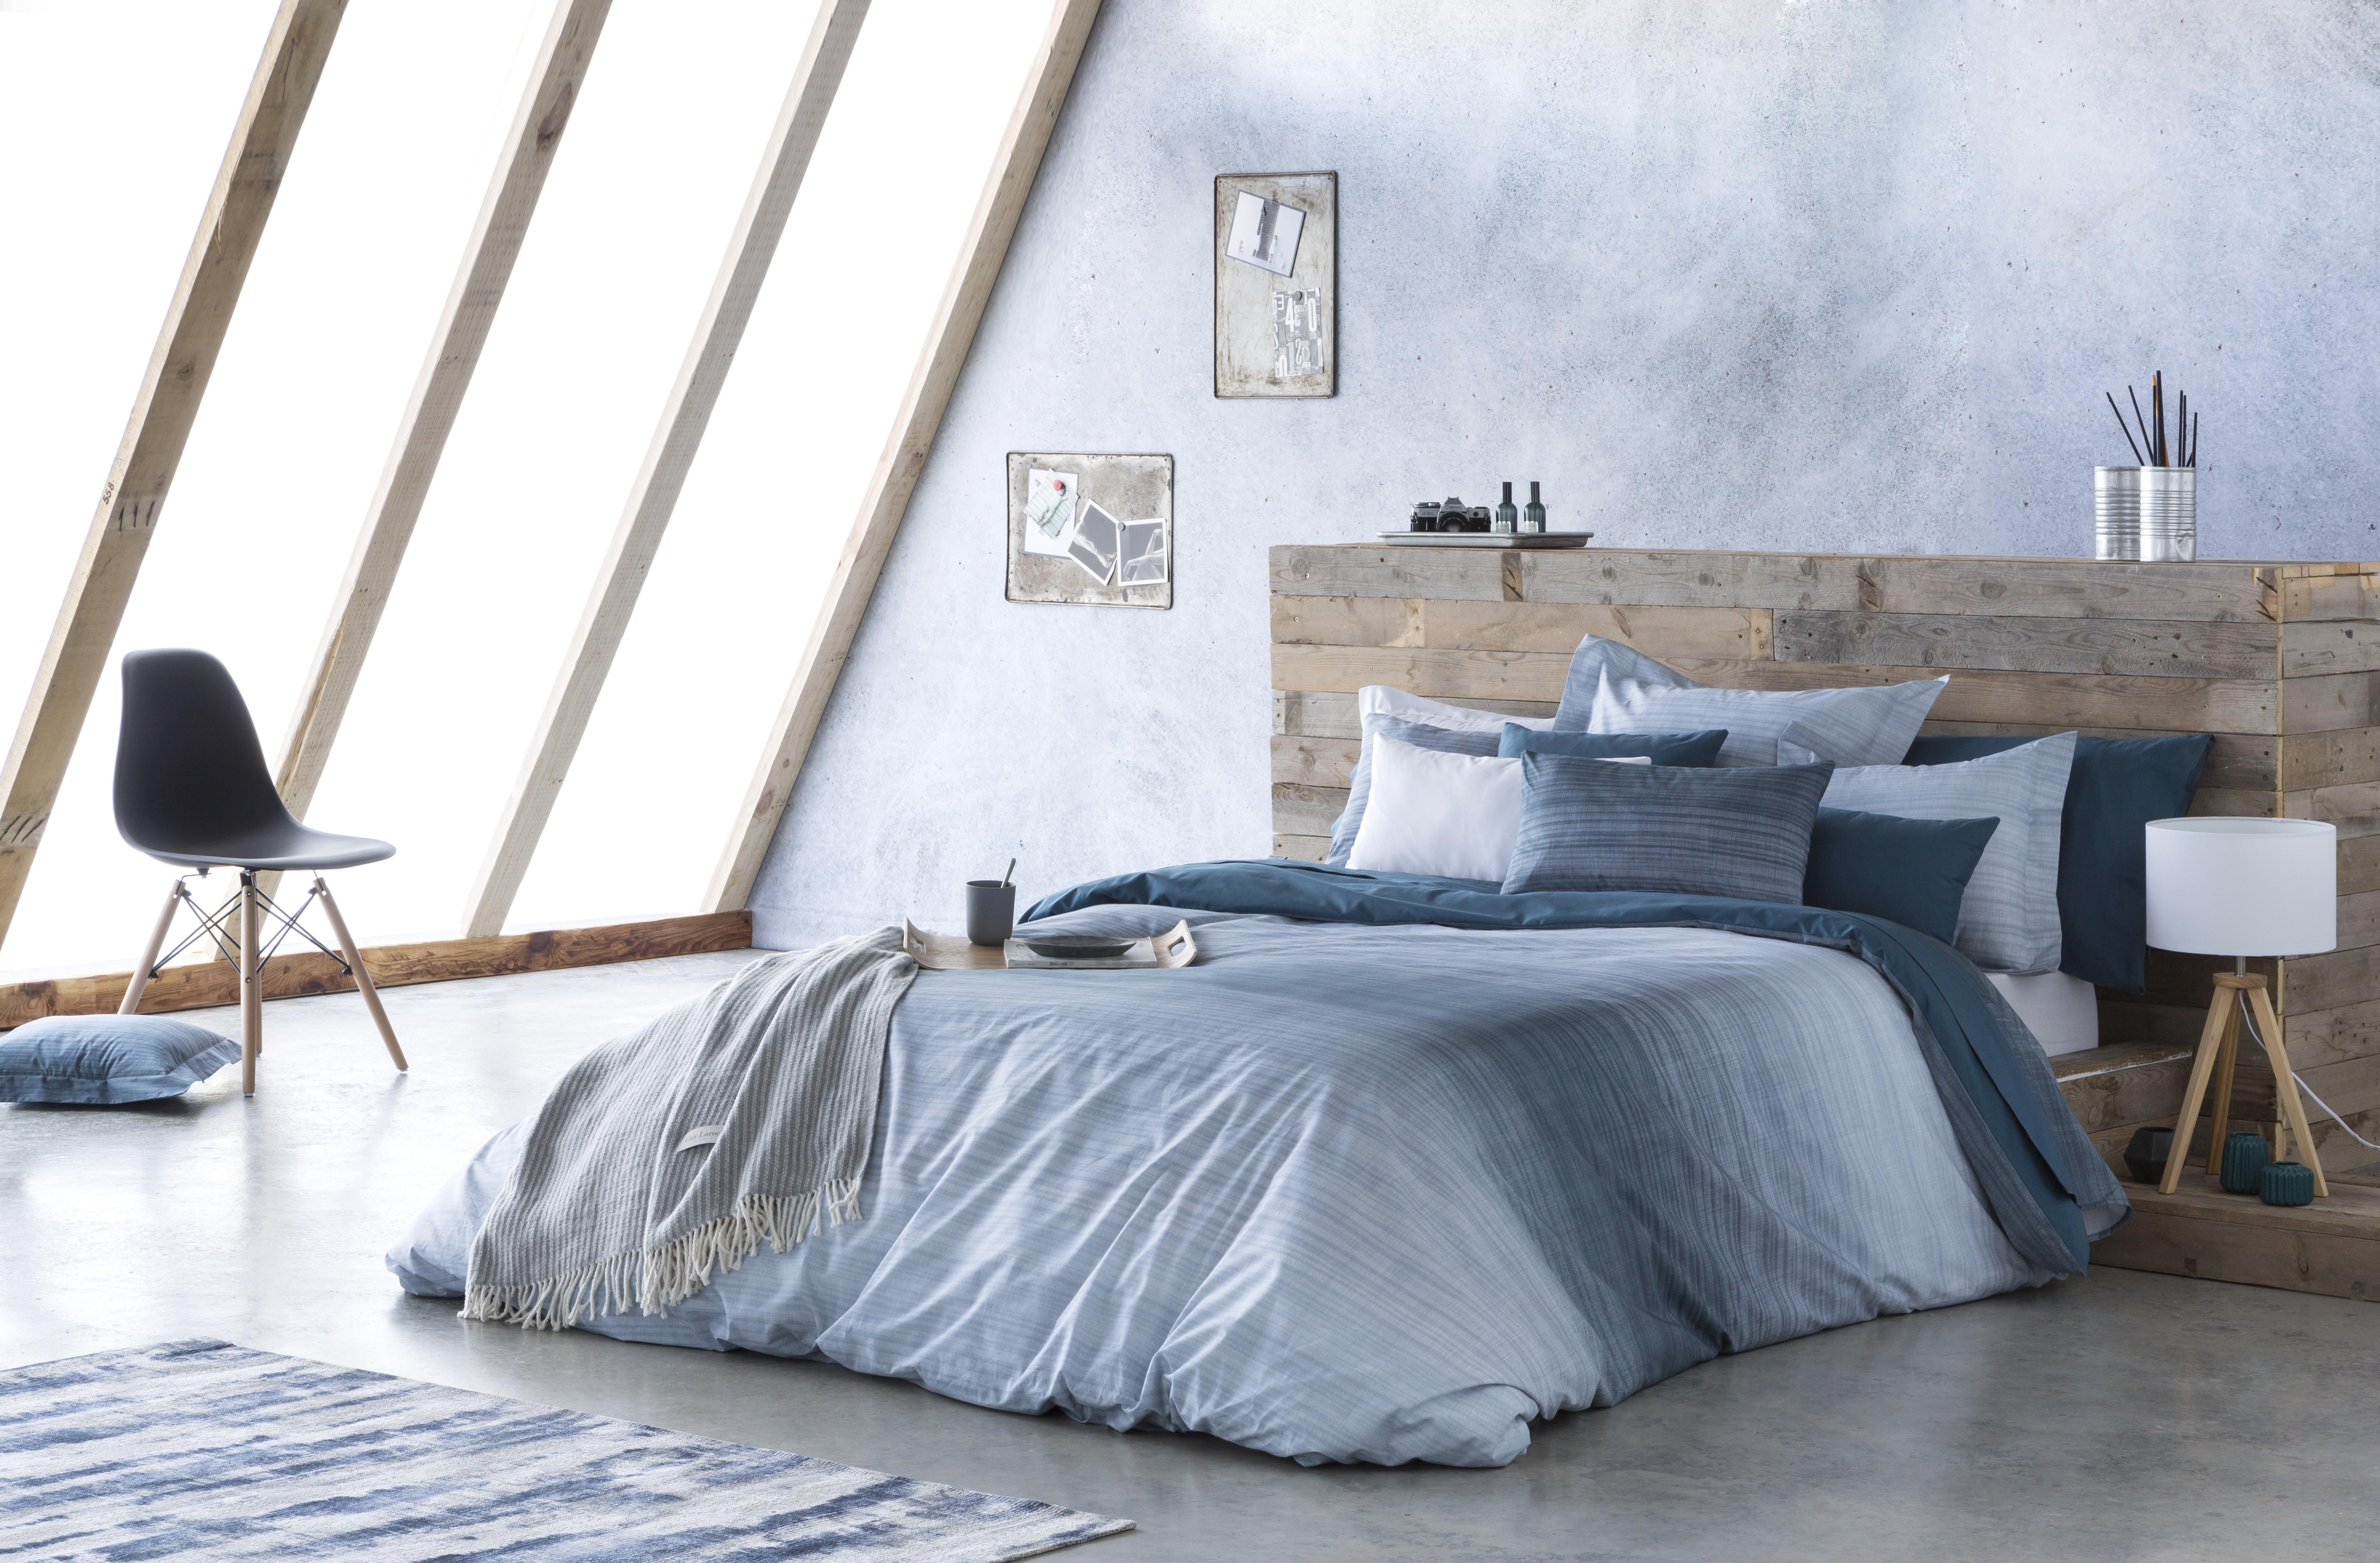 Drap de lit en coton bicolore 250x280